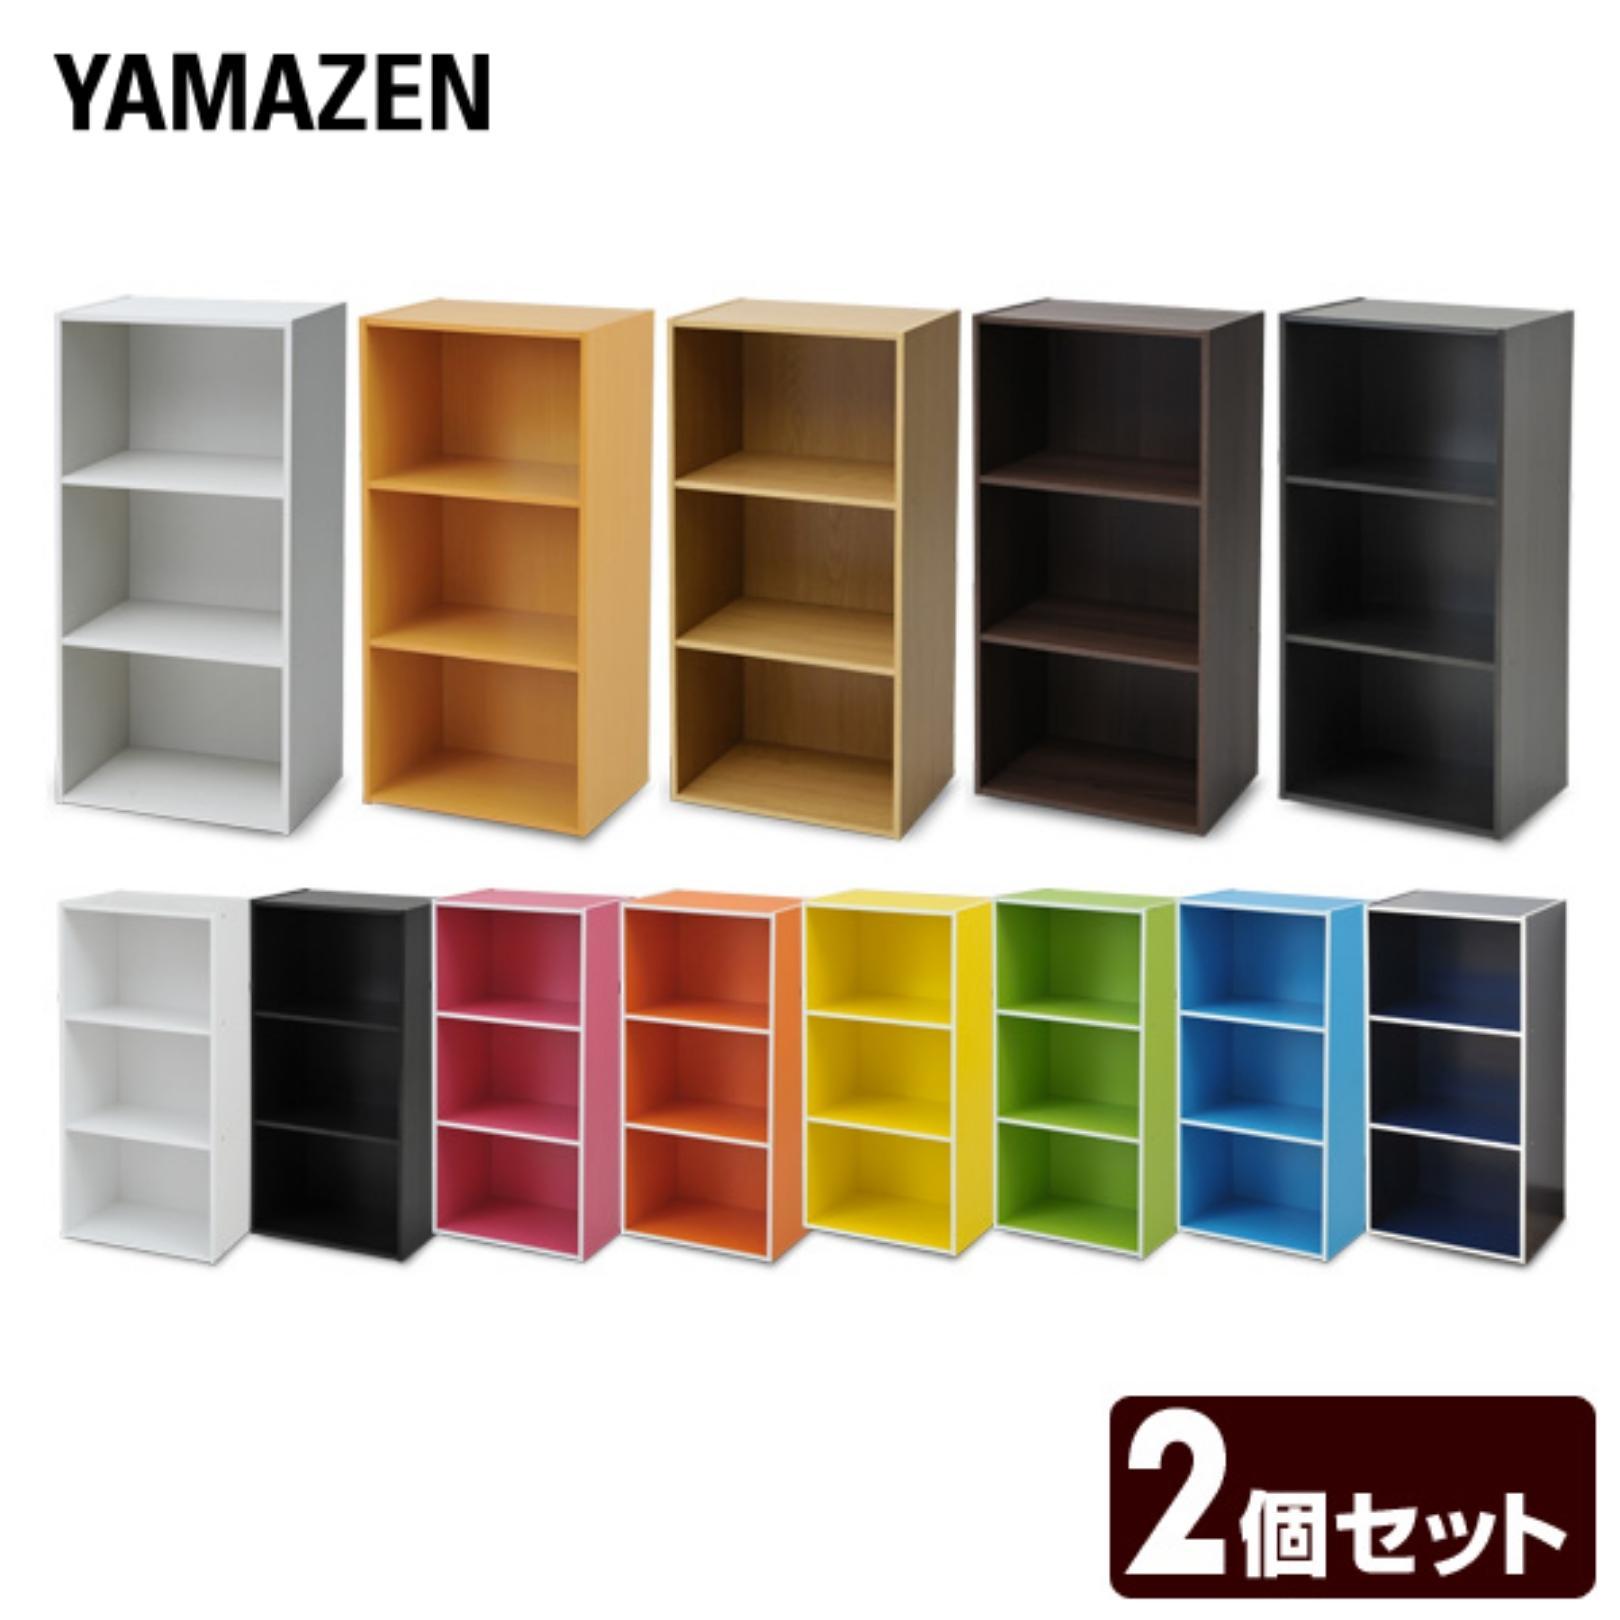 カラーボックス 3段 2個セット GCB-3*2 収納ボックス 2個組 3段カラーボックス ラック 棚 収納ラック 本棚 ボックス収納 BOX 山善 YAMAZEN【送料無料】